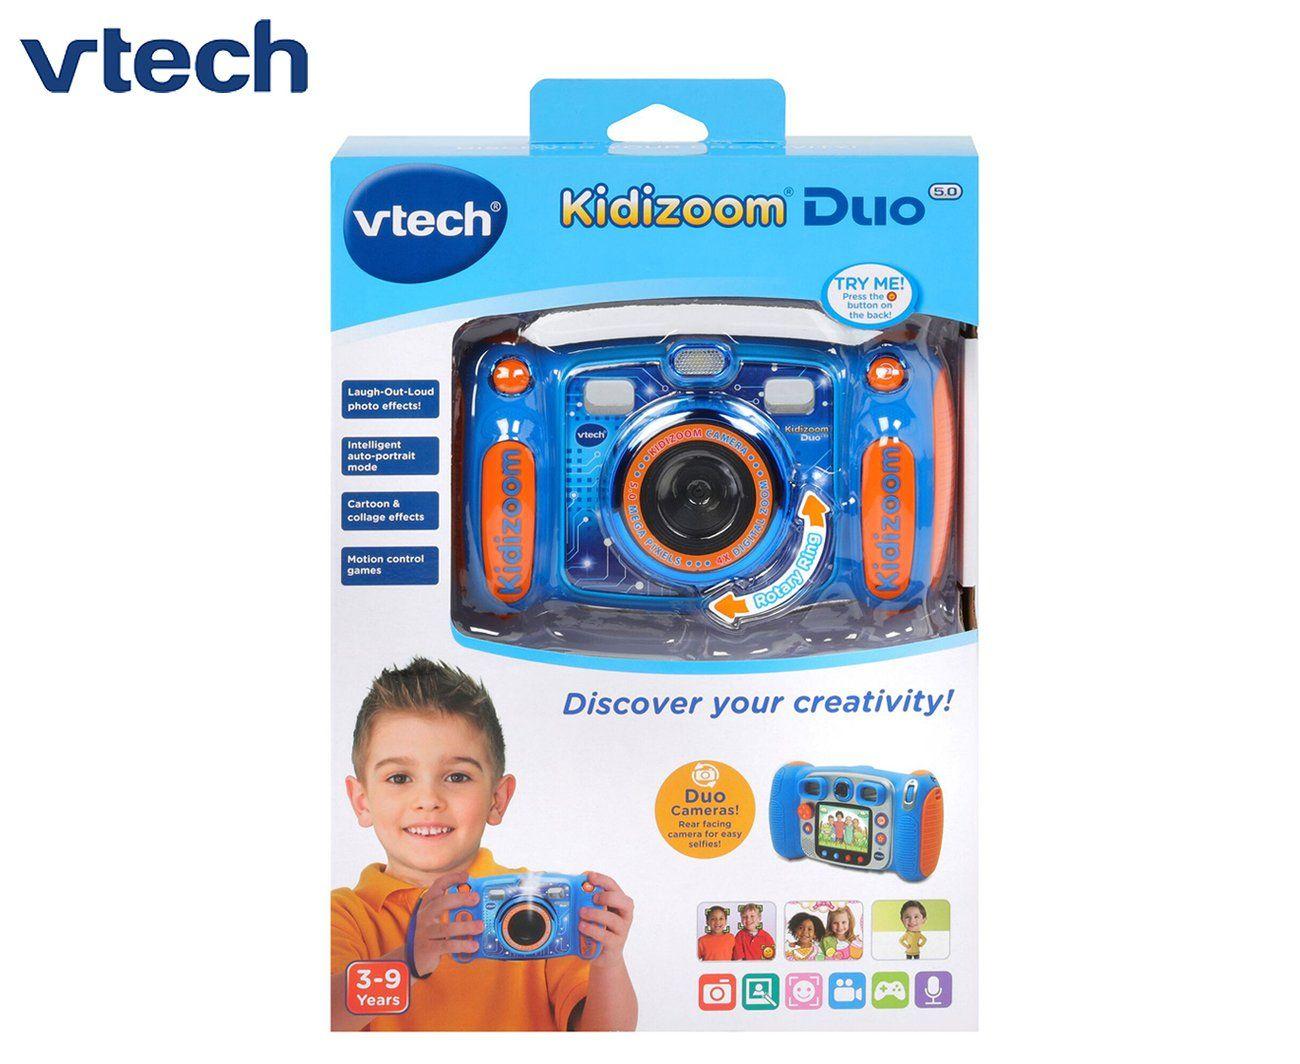 Vtech Kidizoom Duo 5 0 Digital Camera Blue Digital Camera Camera Highlights Kids